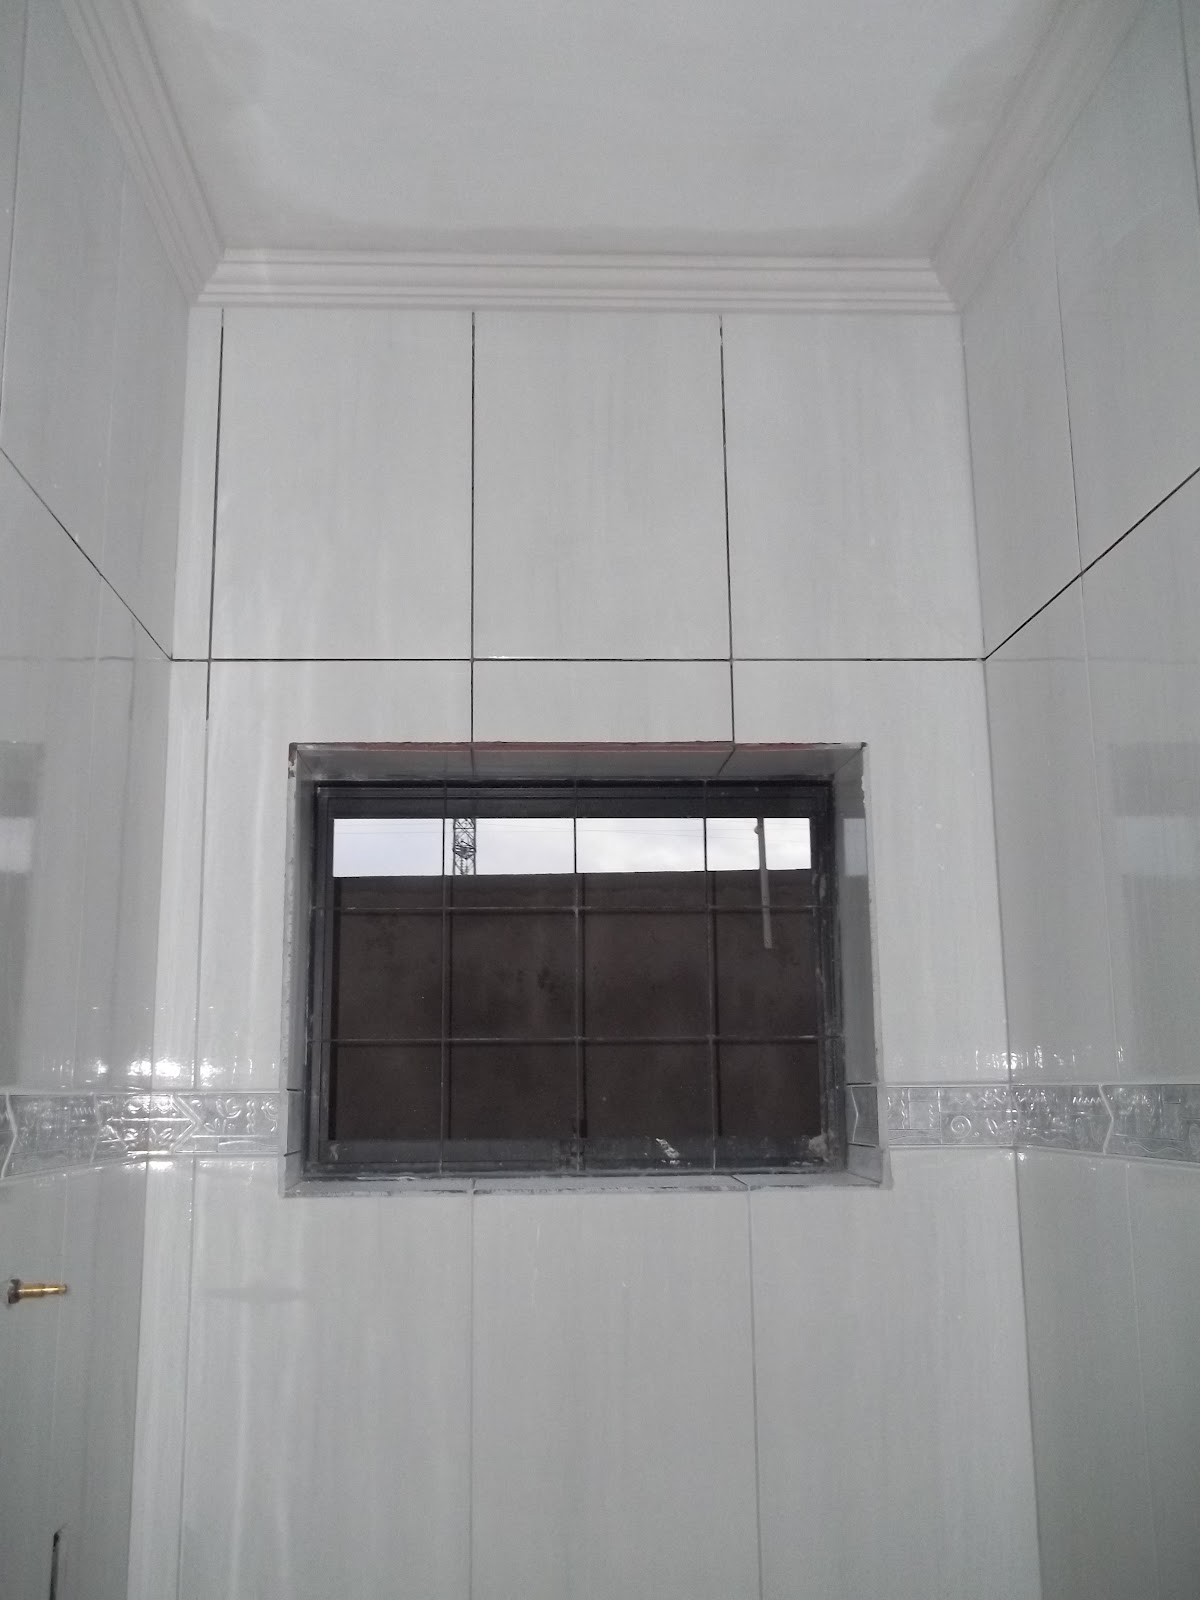 Lavabo com revestimento faixas e moldura de gesso no teto. #5D5153 1200 1600